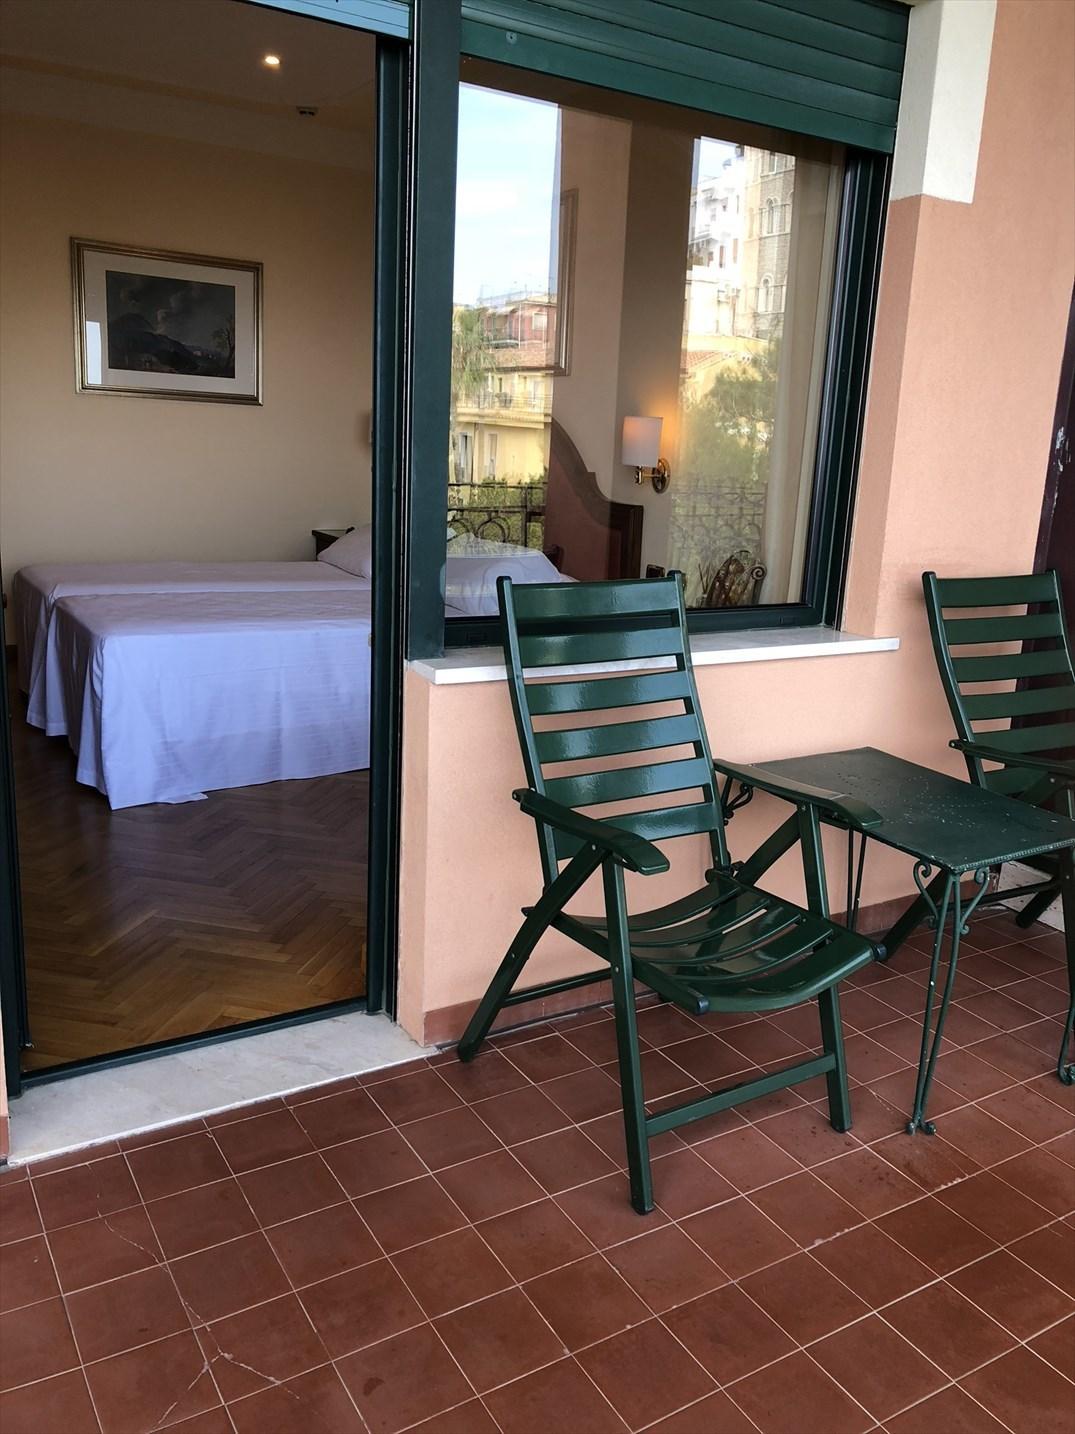 シチリア/41 タオルミーナのホテル Villa Diodoro_a0092659_18184595.jpg